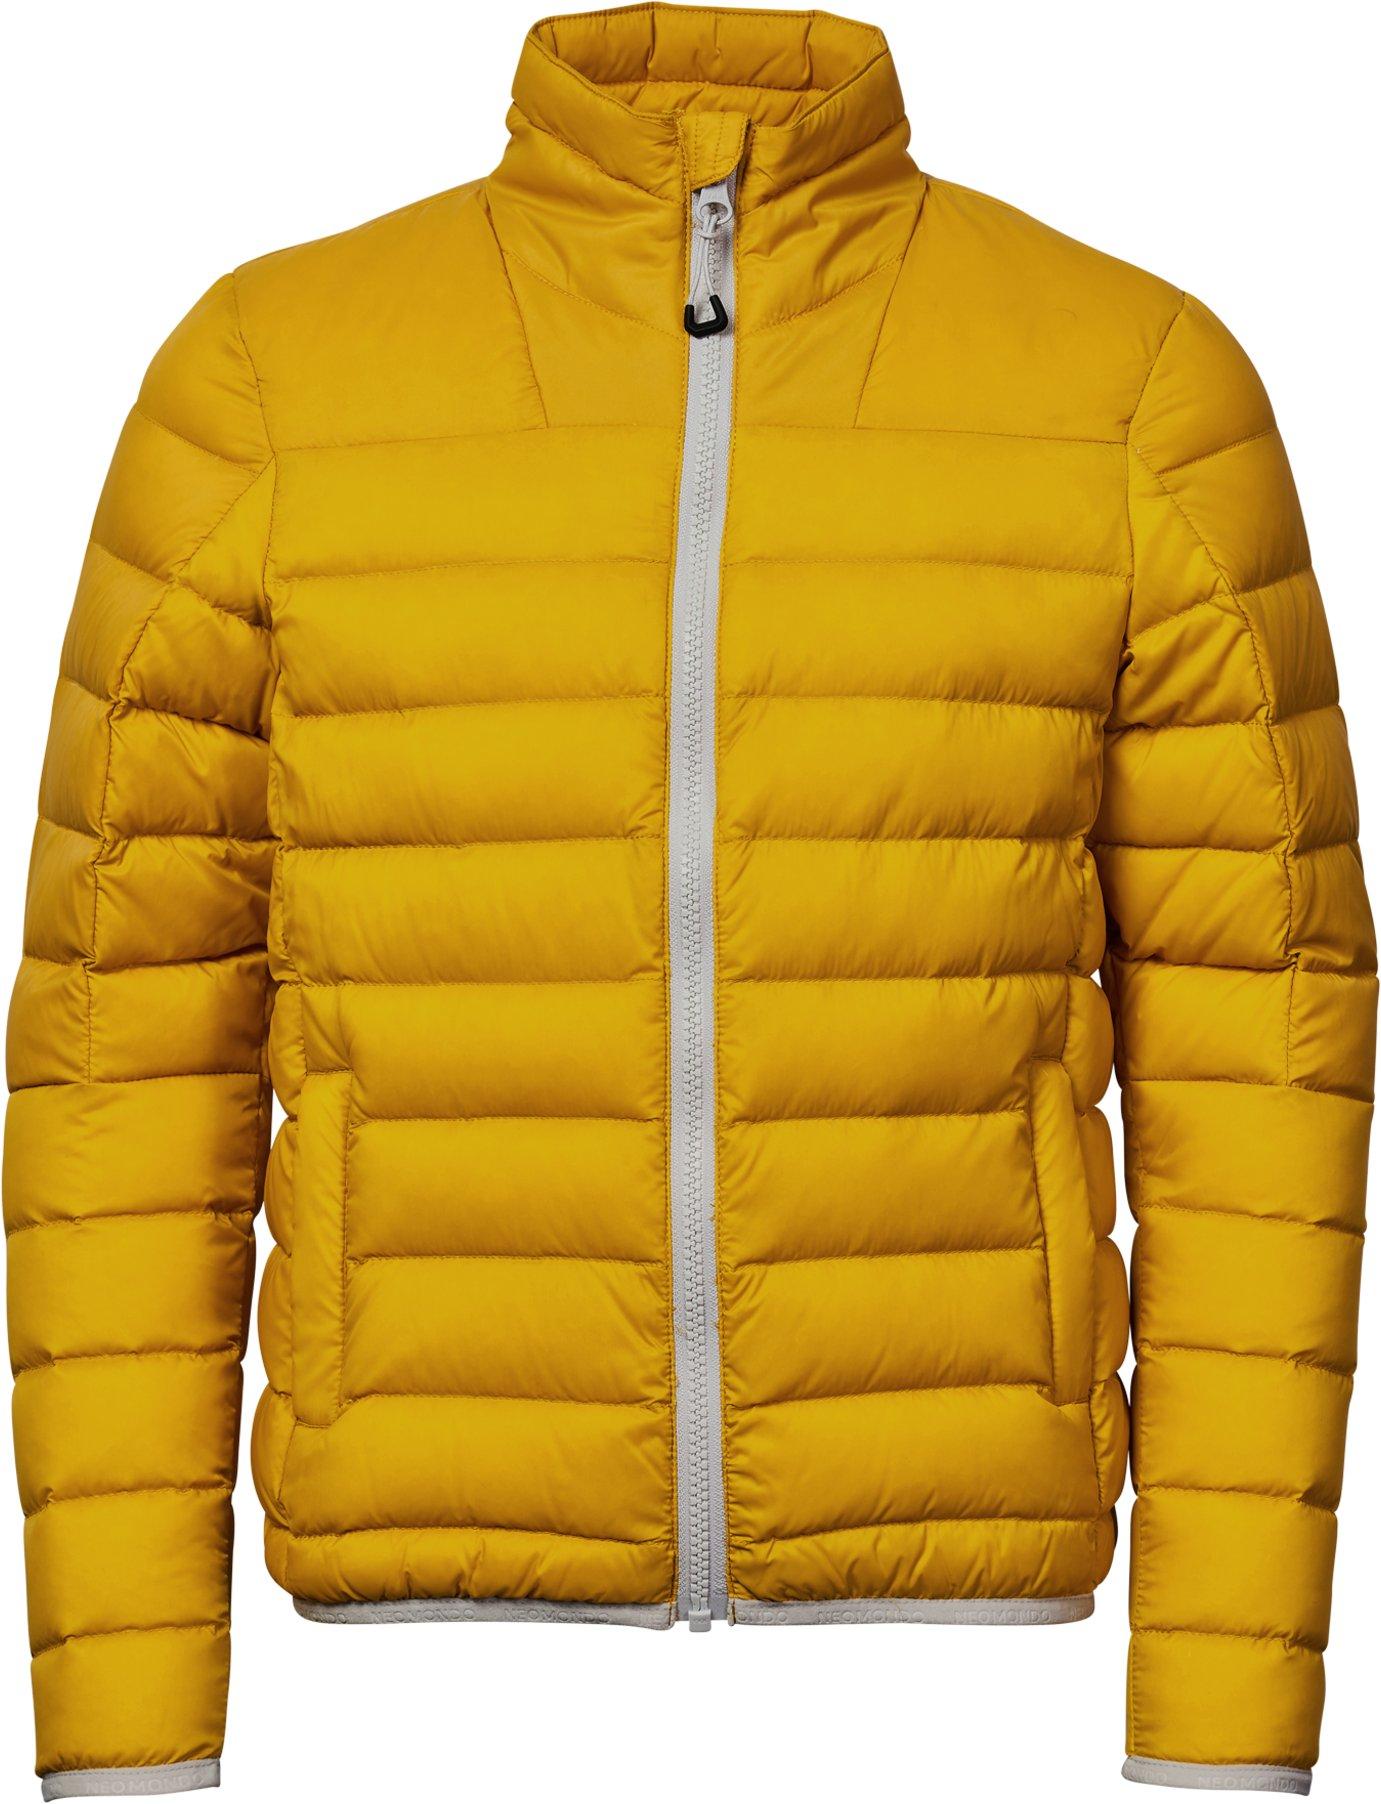 Yellow Salen Light Dunjakke Herre | Skogstad | Lette jakker